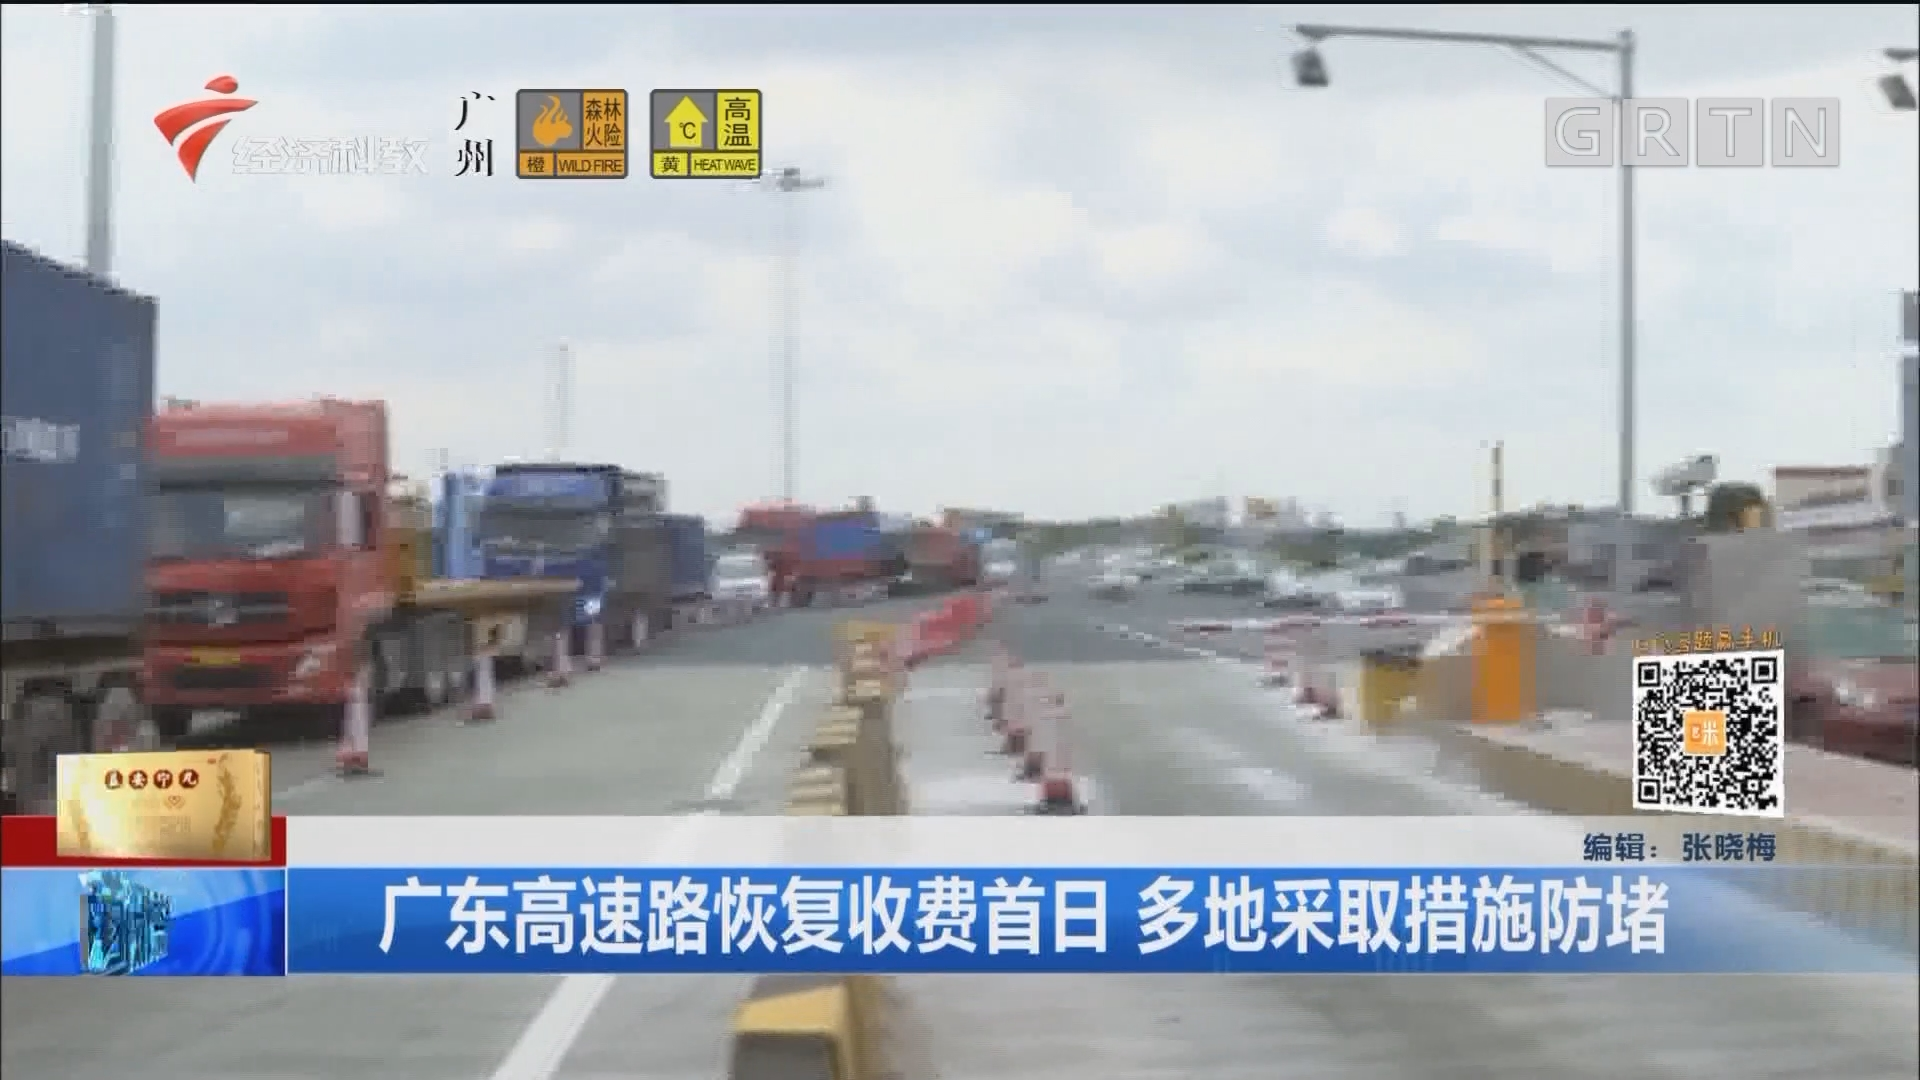 廣東高速路恢復收費首日 多地采取措施防堵